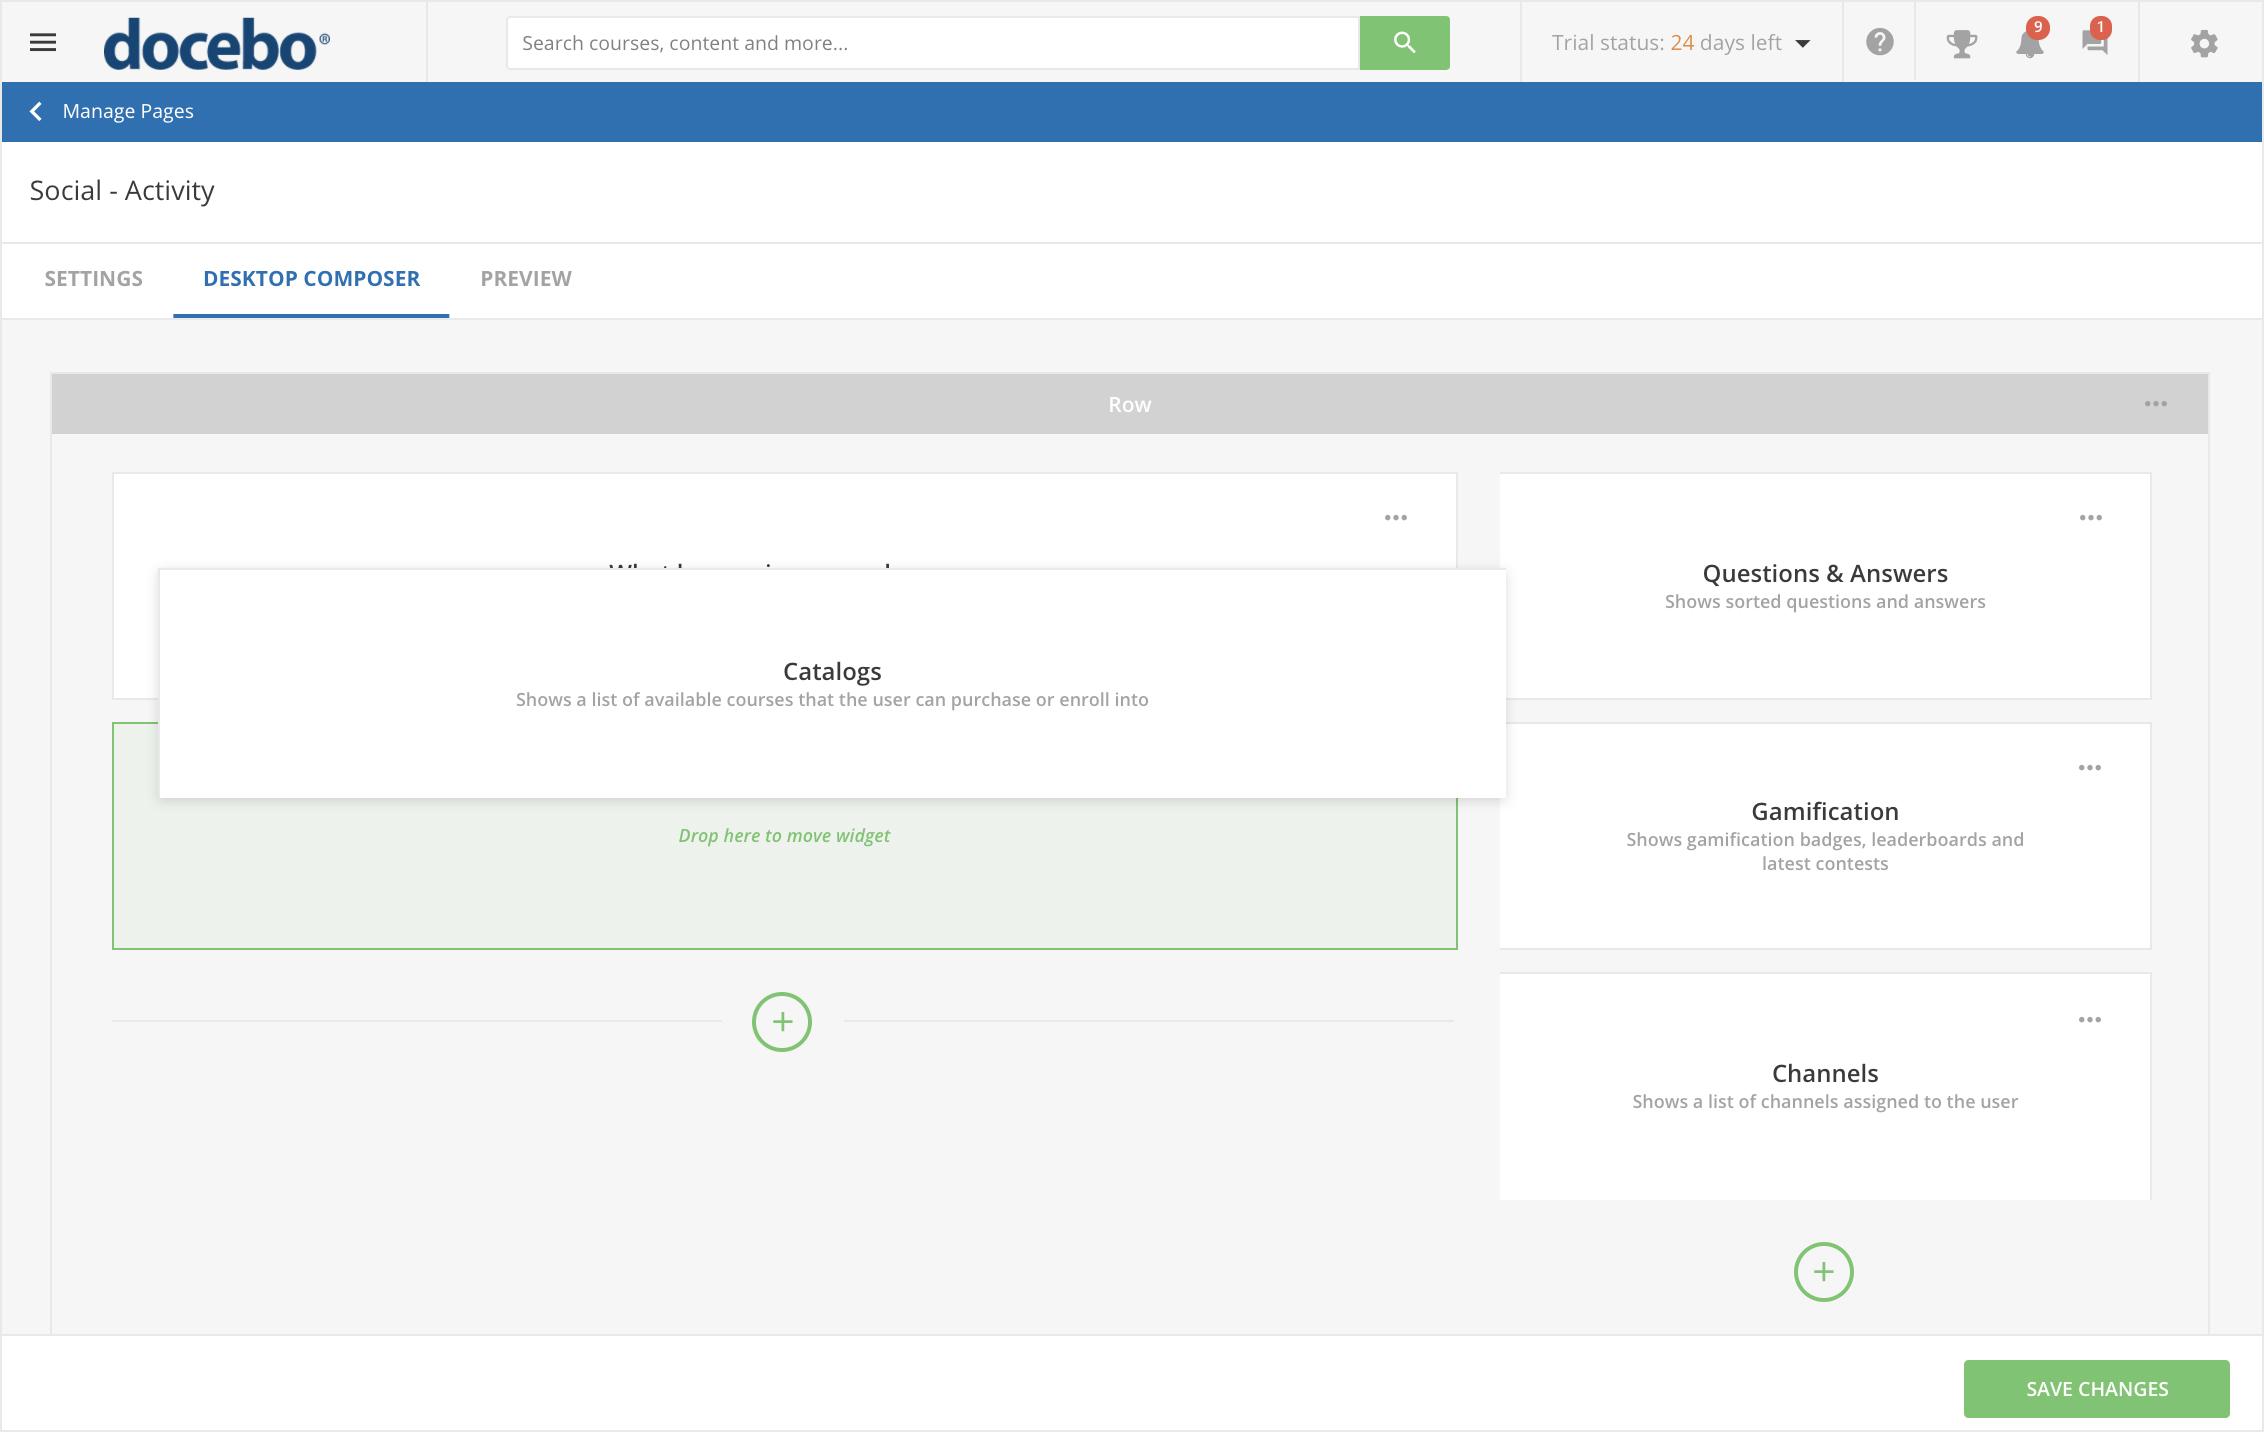 Personalice su plataforma LMS con widgets de arrastrar y soltar